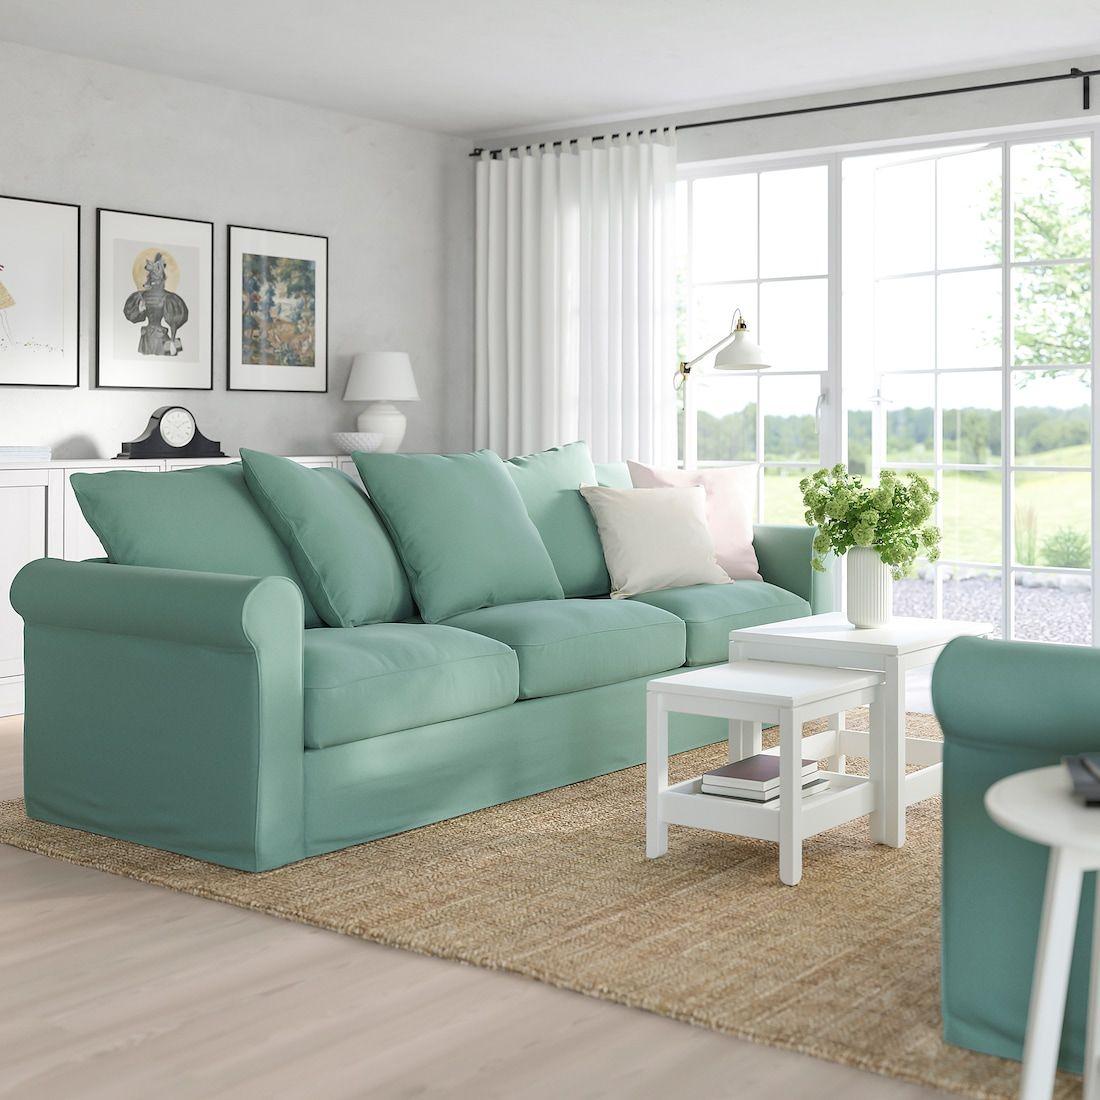 GrÖnlid 3er Sofa Ljungen Hellgrün Ikea Deutschland Grüne Wohnzimmer 3er Sofa Sofa Green